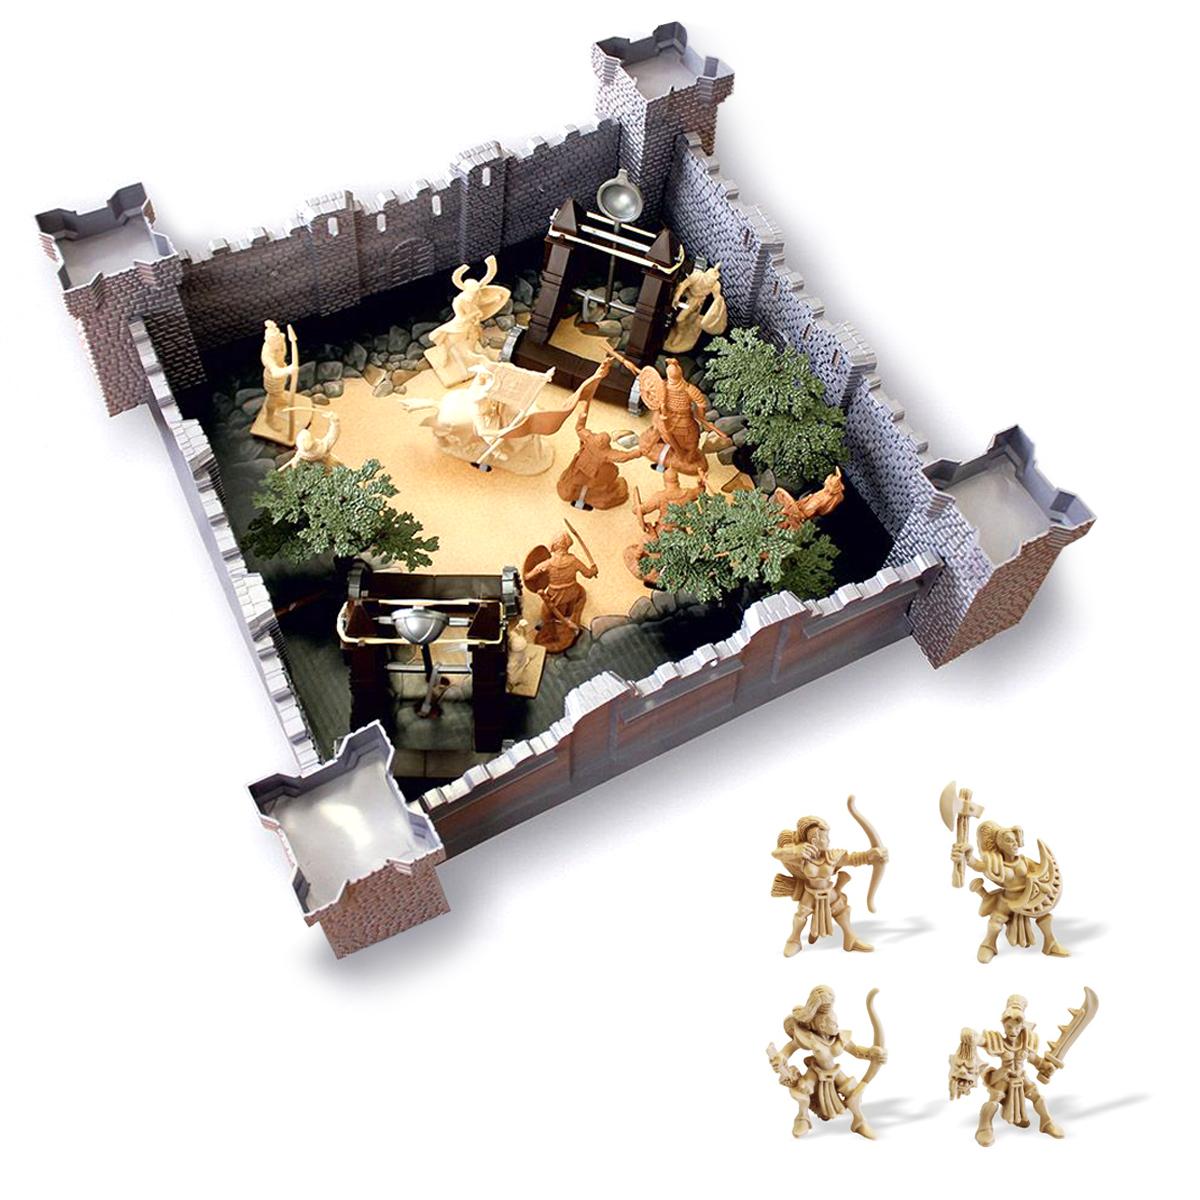 Купить Игровой набор 1291 (Год взятия крепости) 12062 + Игровой набор Амазонки 12068, Биплант,